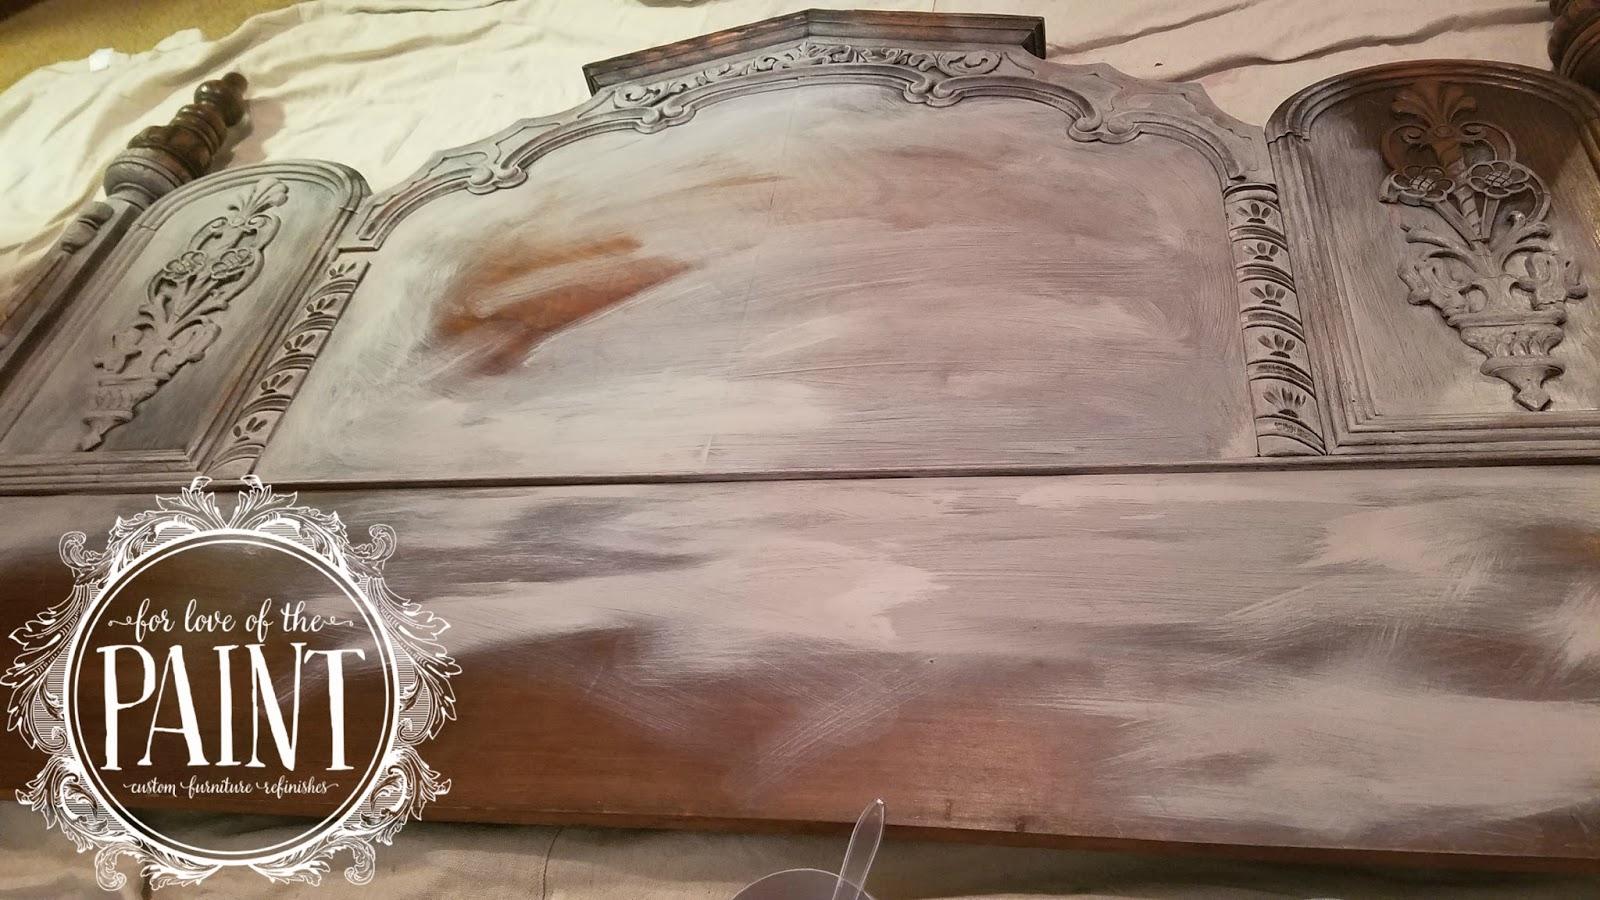 Ornate headboard